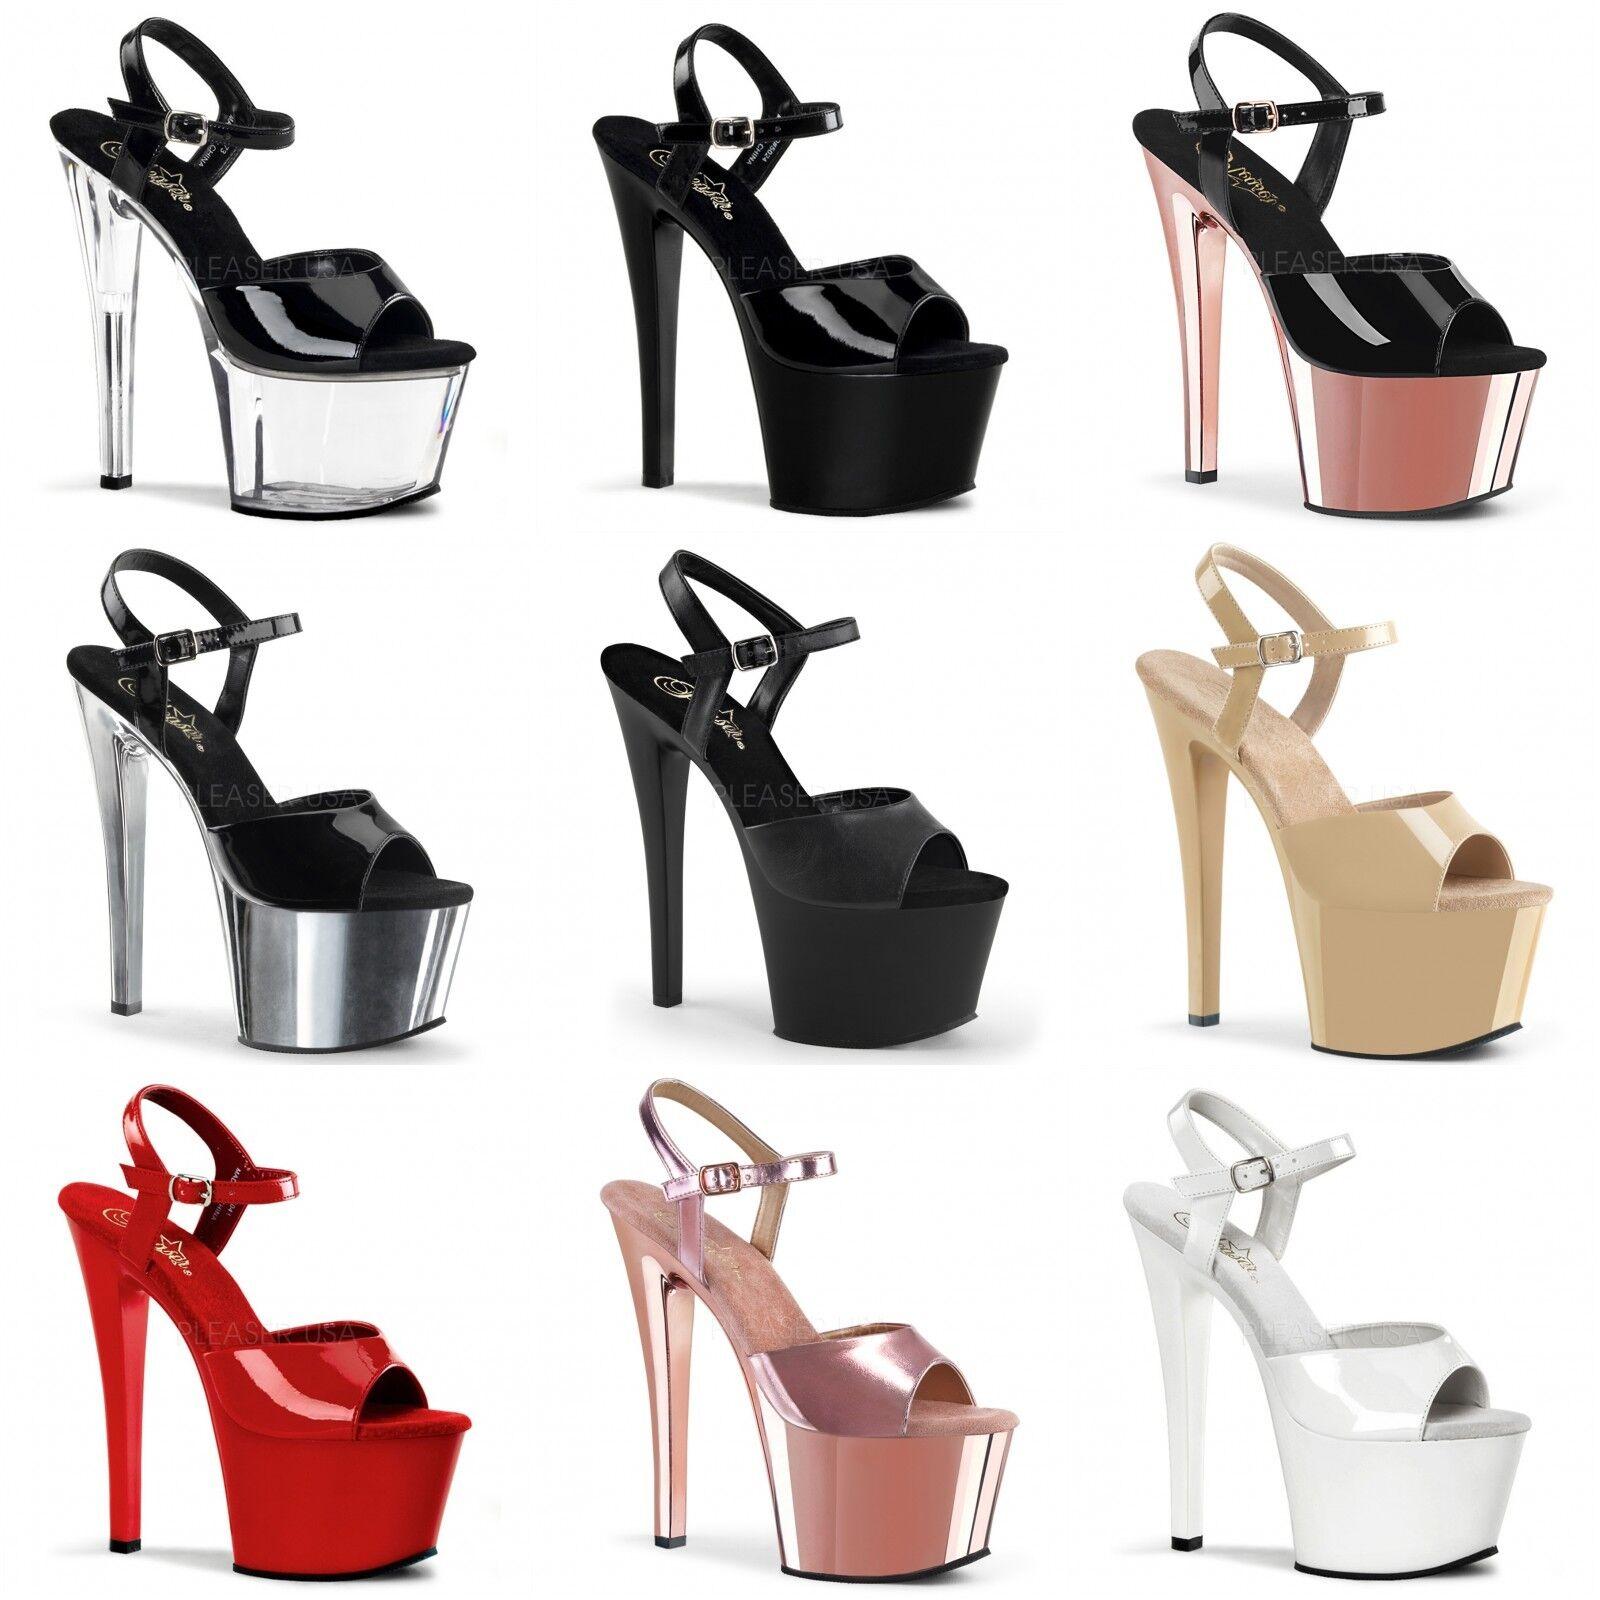 con il 100% di qualità e il 100% di servizio PLEASER Sky-309 PALO Lap Dance Tacco a Spillo Scarpe Sandali Sandali Sandali Cinturino Alla Caviglia  migliore qualità